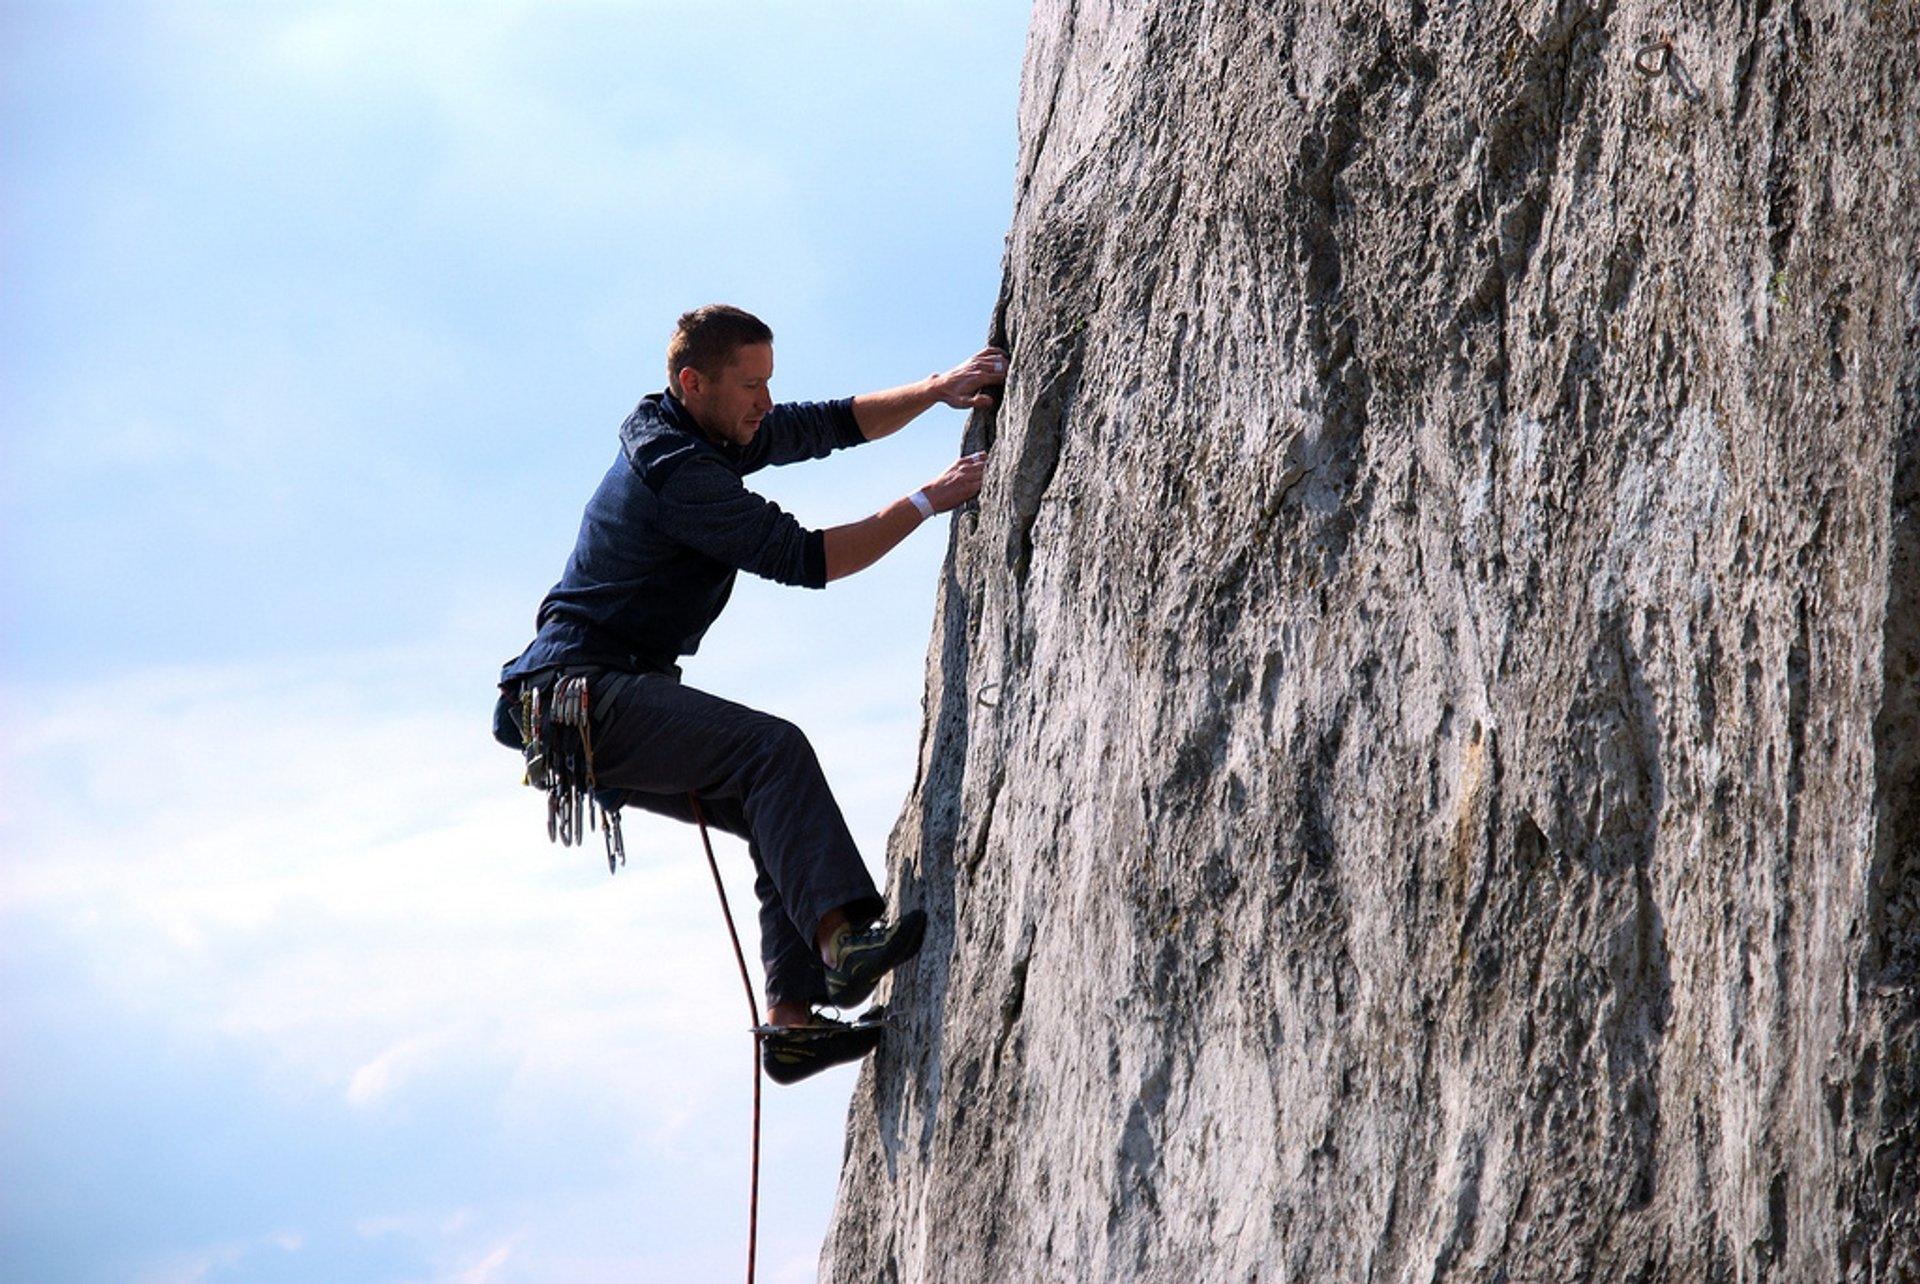 Rock Climbing in Slovakia - Best Season 2020